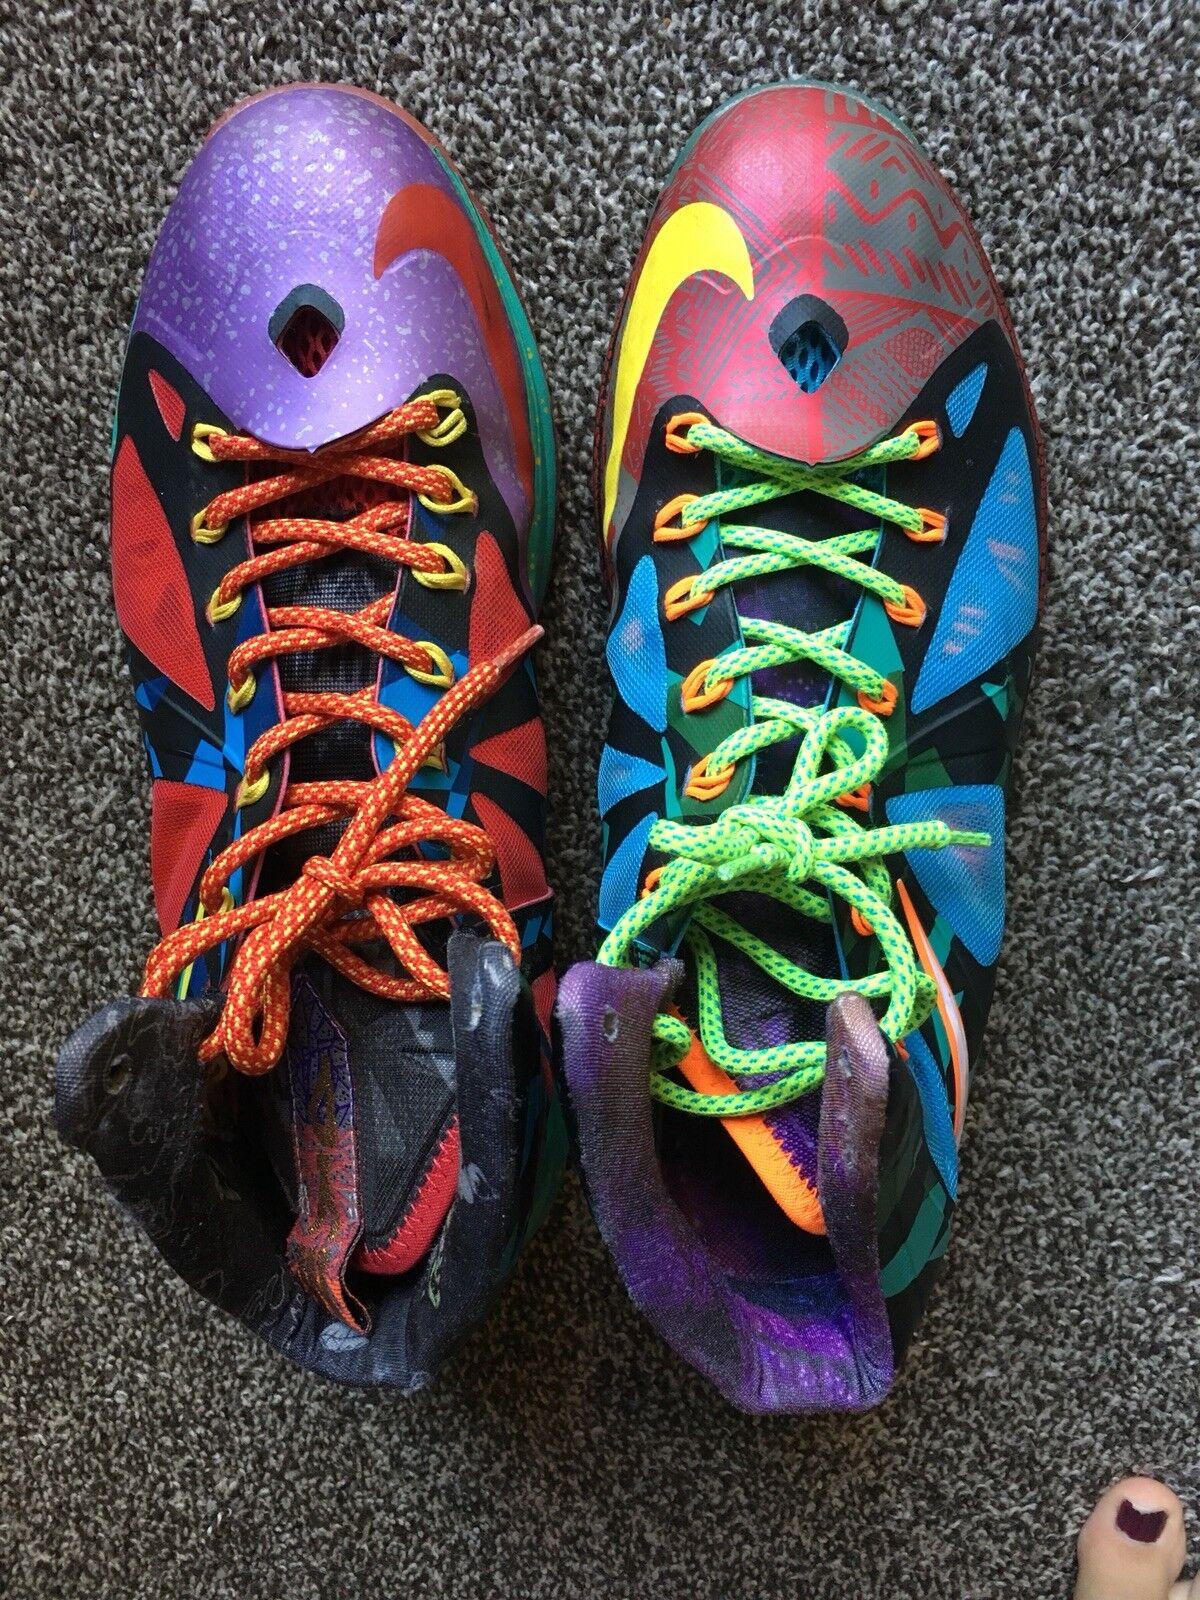 Lebron 10 'What The' Color Men's Size 10 Shoes Multi Color The' Mismatched bd4073